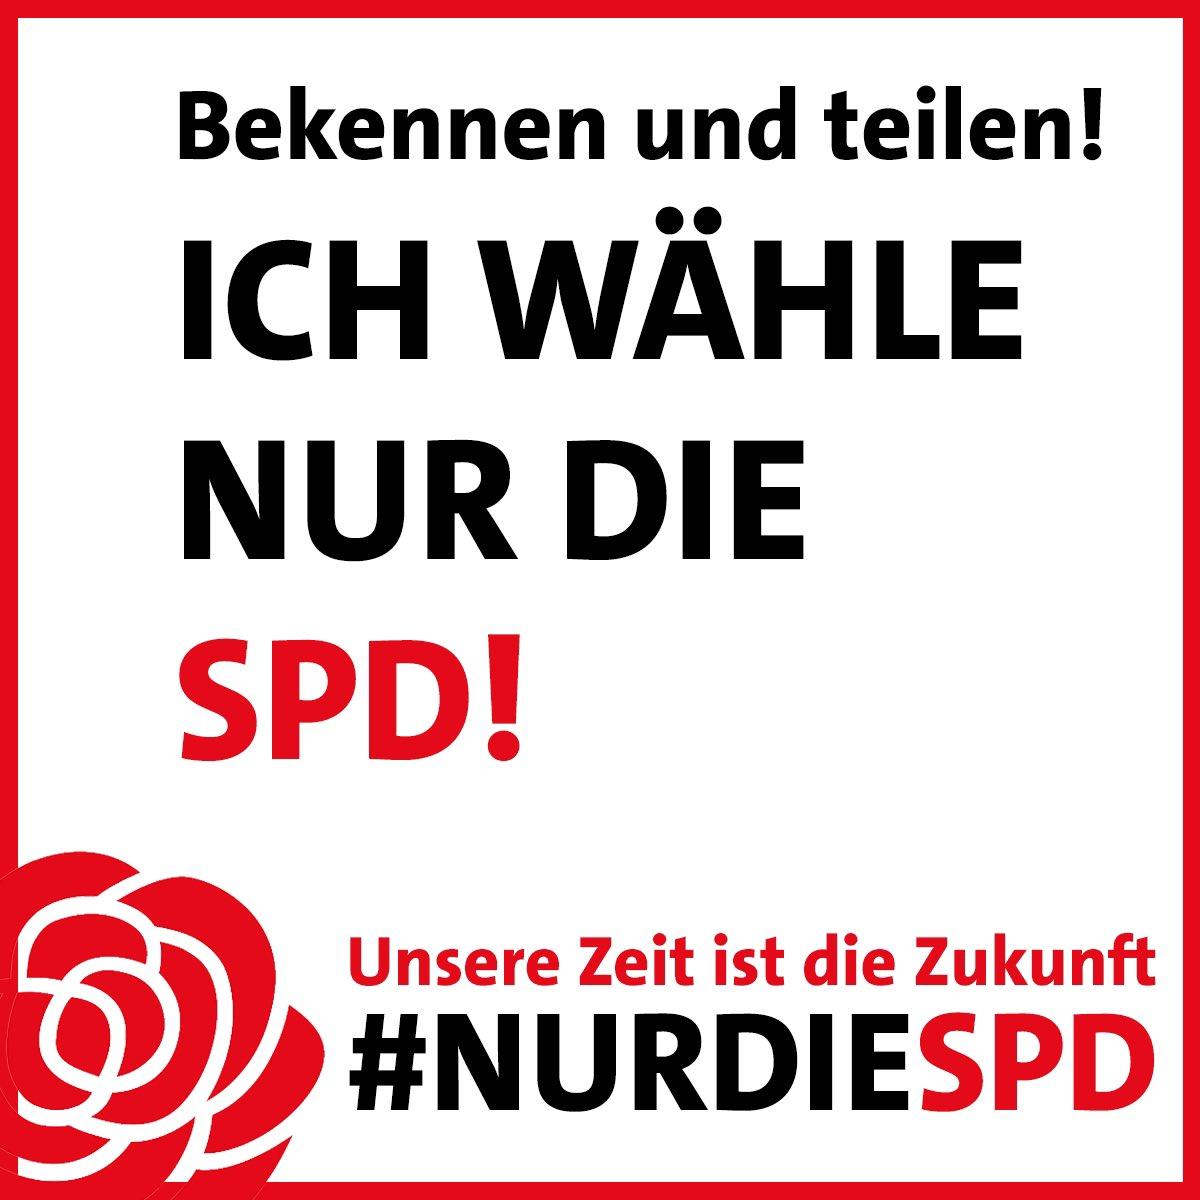 RT @nurdiespd: #P7Spezial #nurdiespd https://t.co/txEkgDpnpu